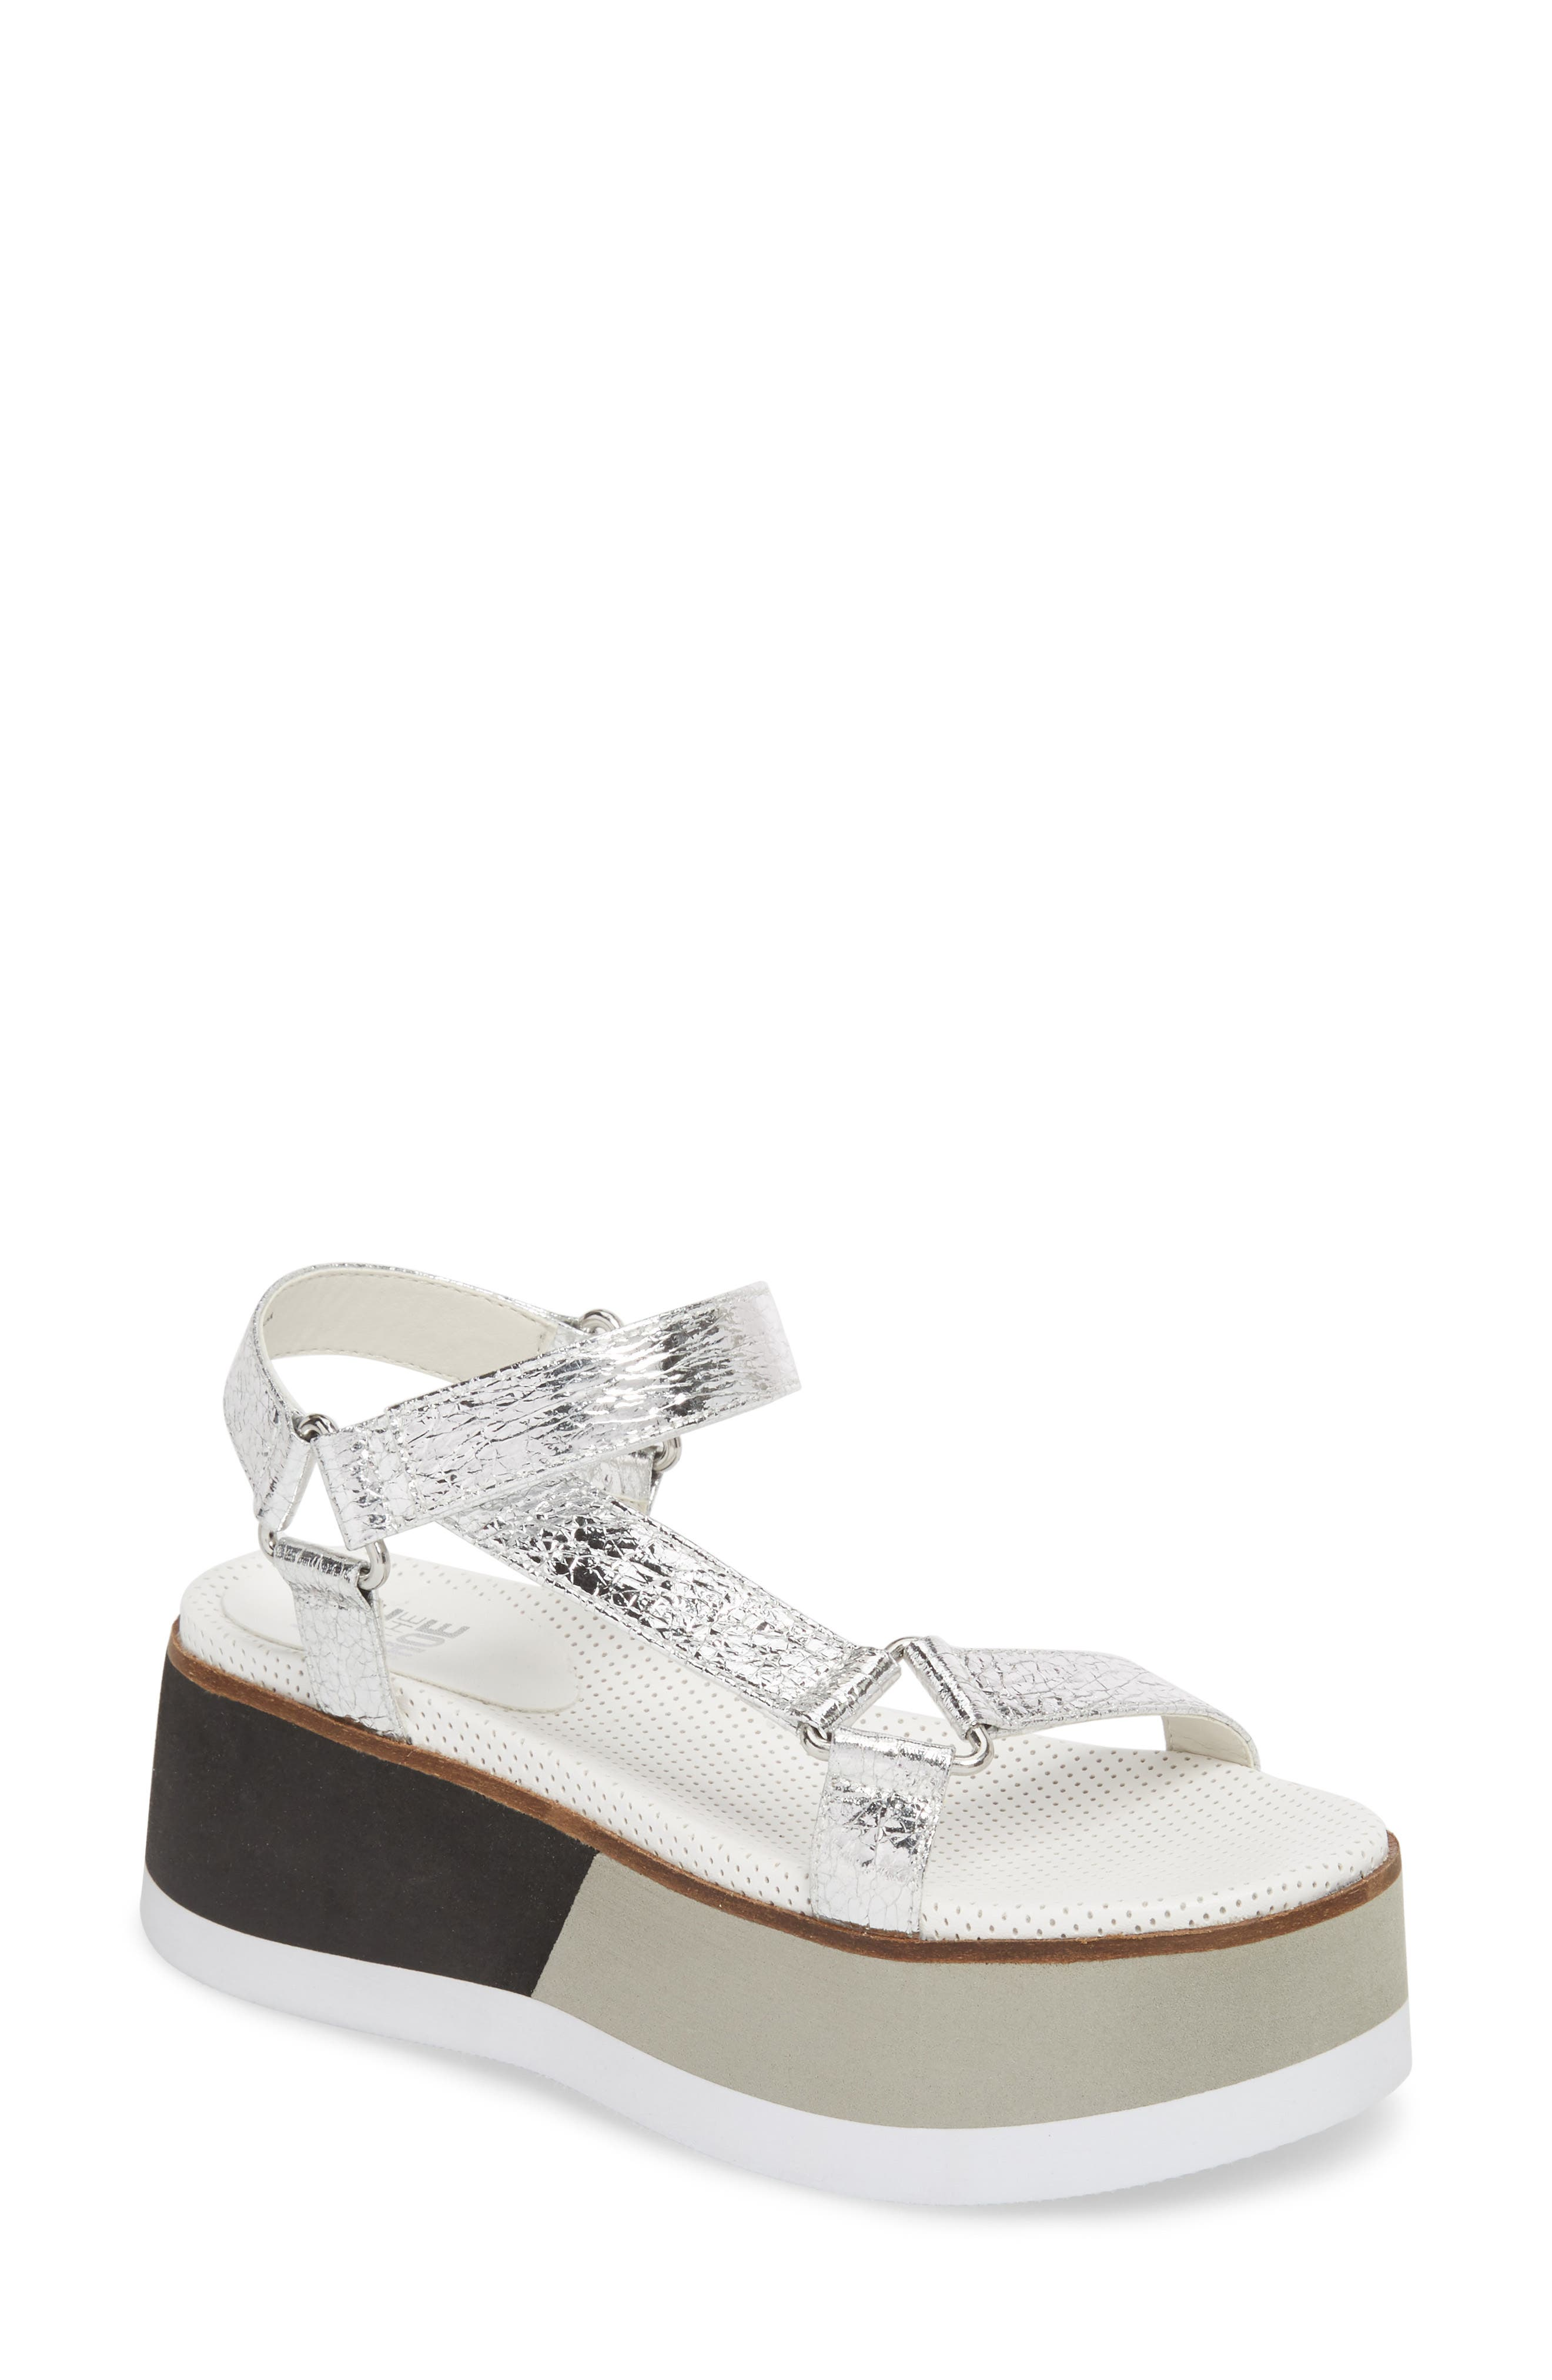 Jayden Platform Sport Sandal,                         Main,                         color, 040